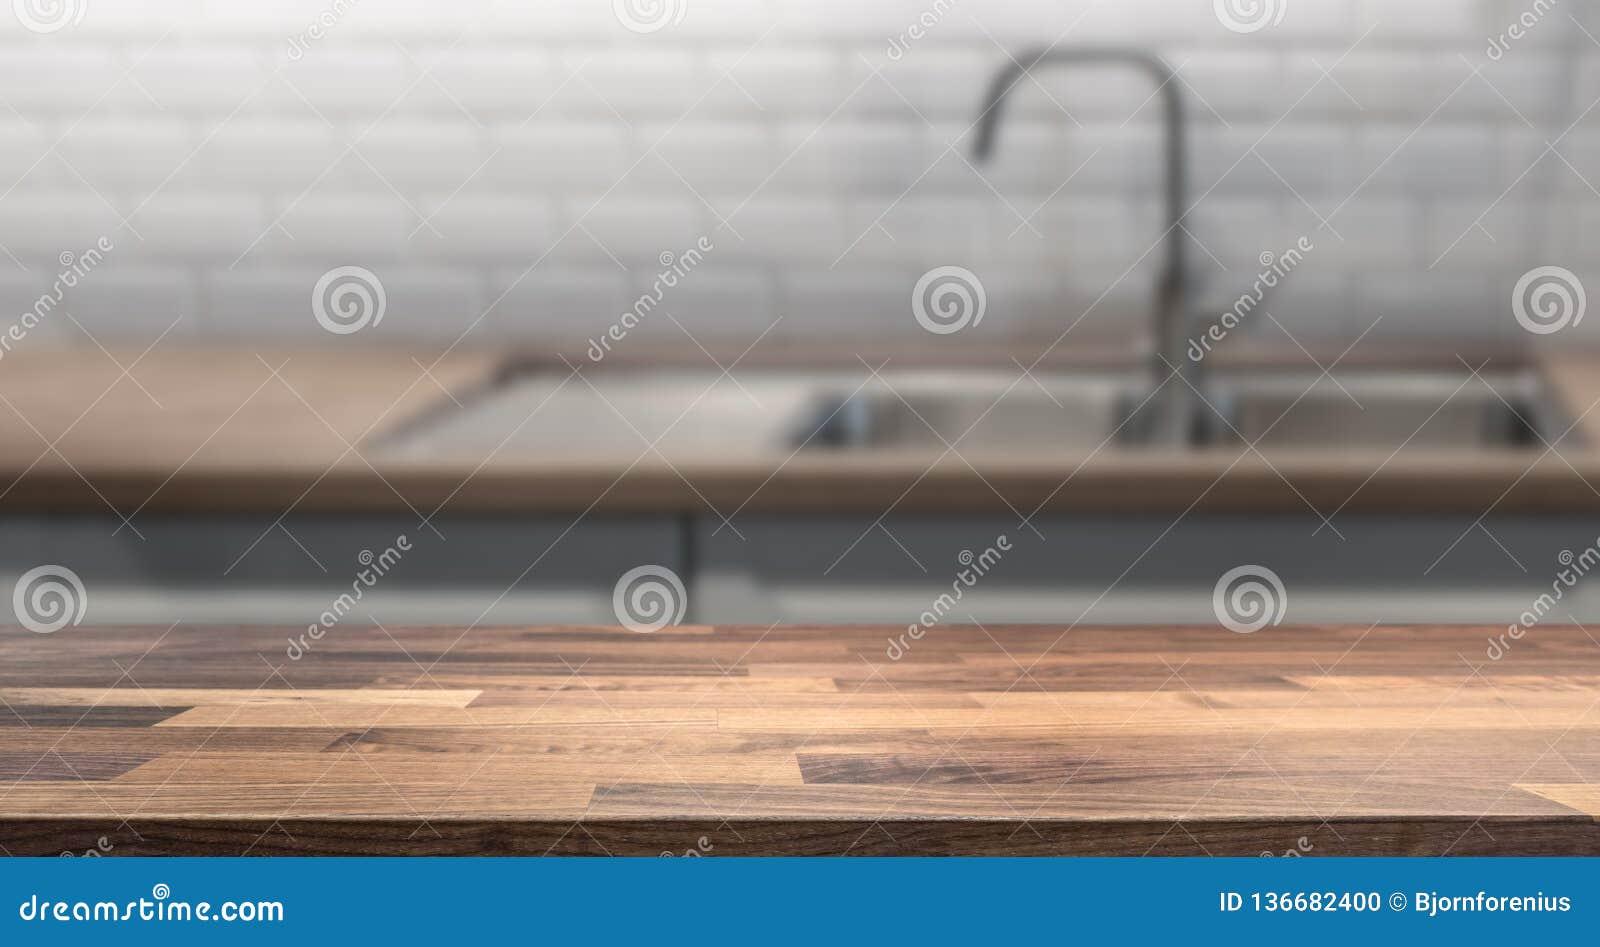 Isla de cocina con la sobremesa de madera para el montaje de la exhibición del producto